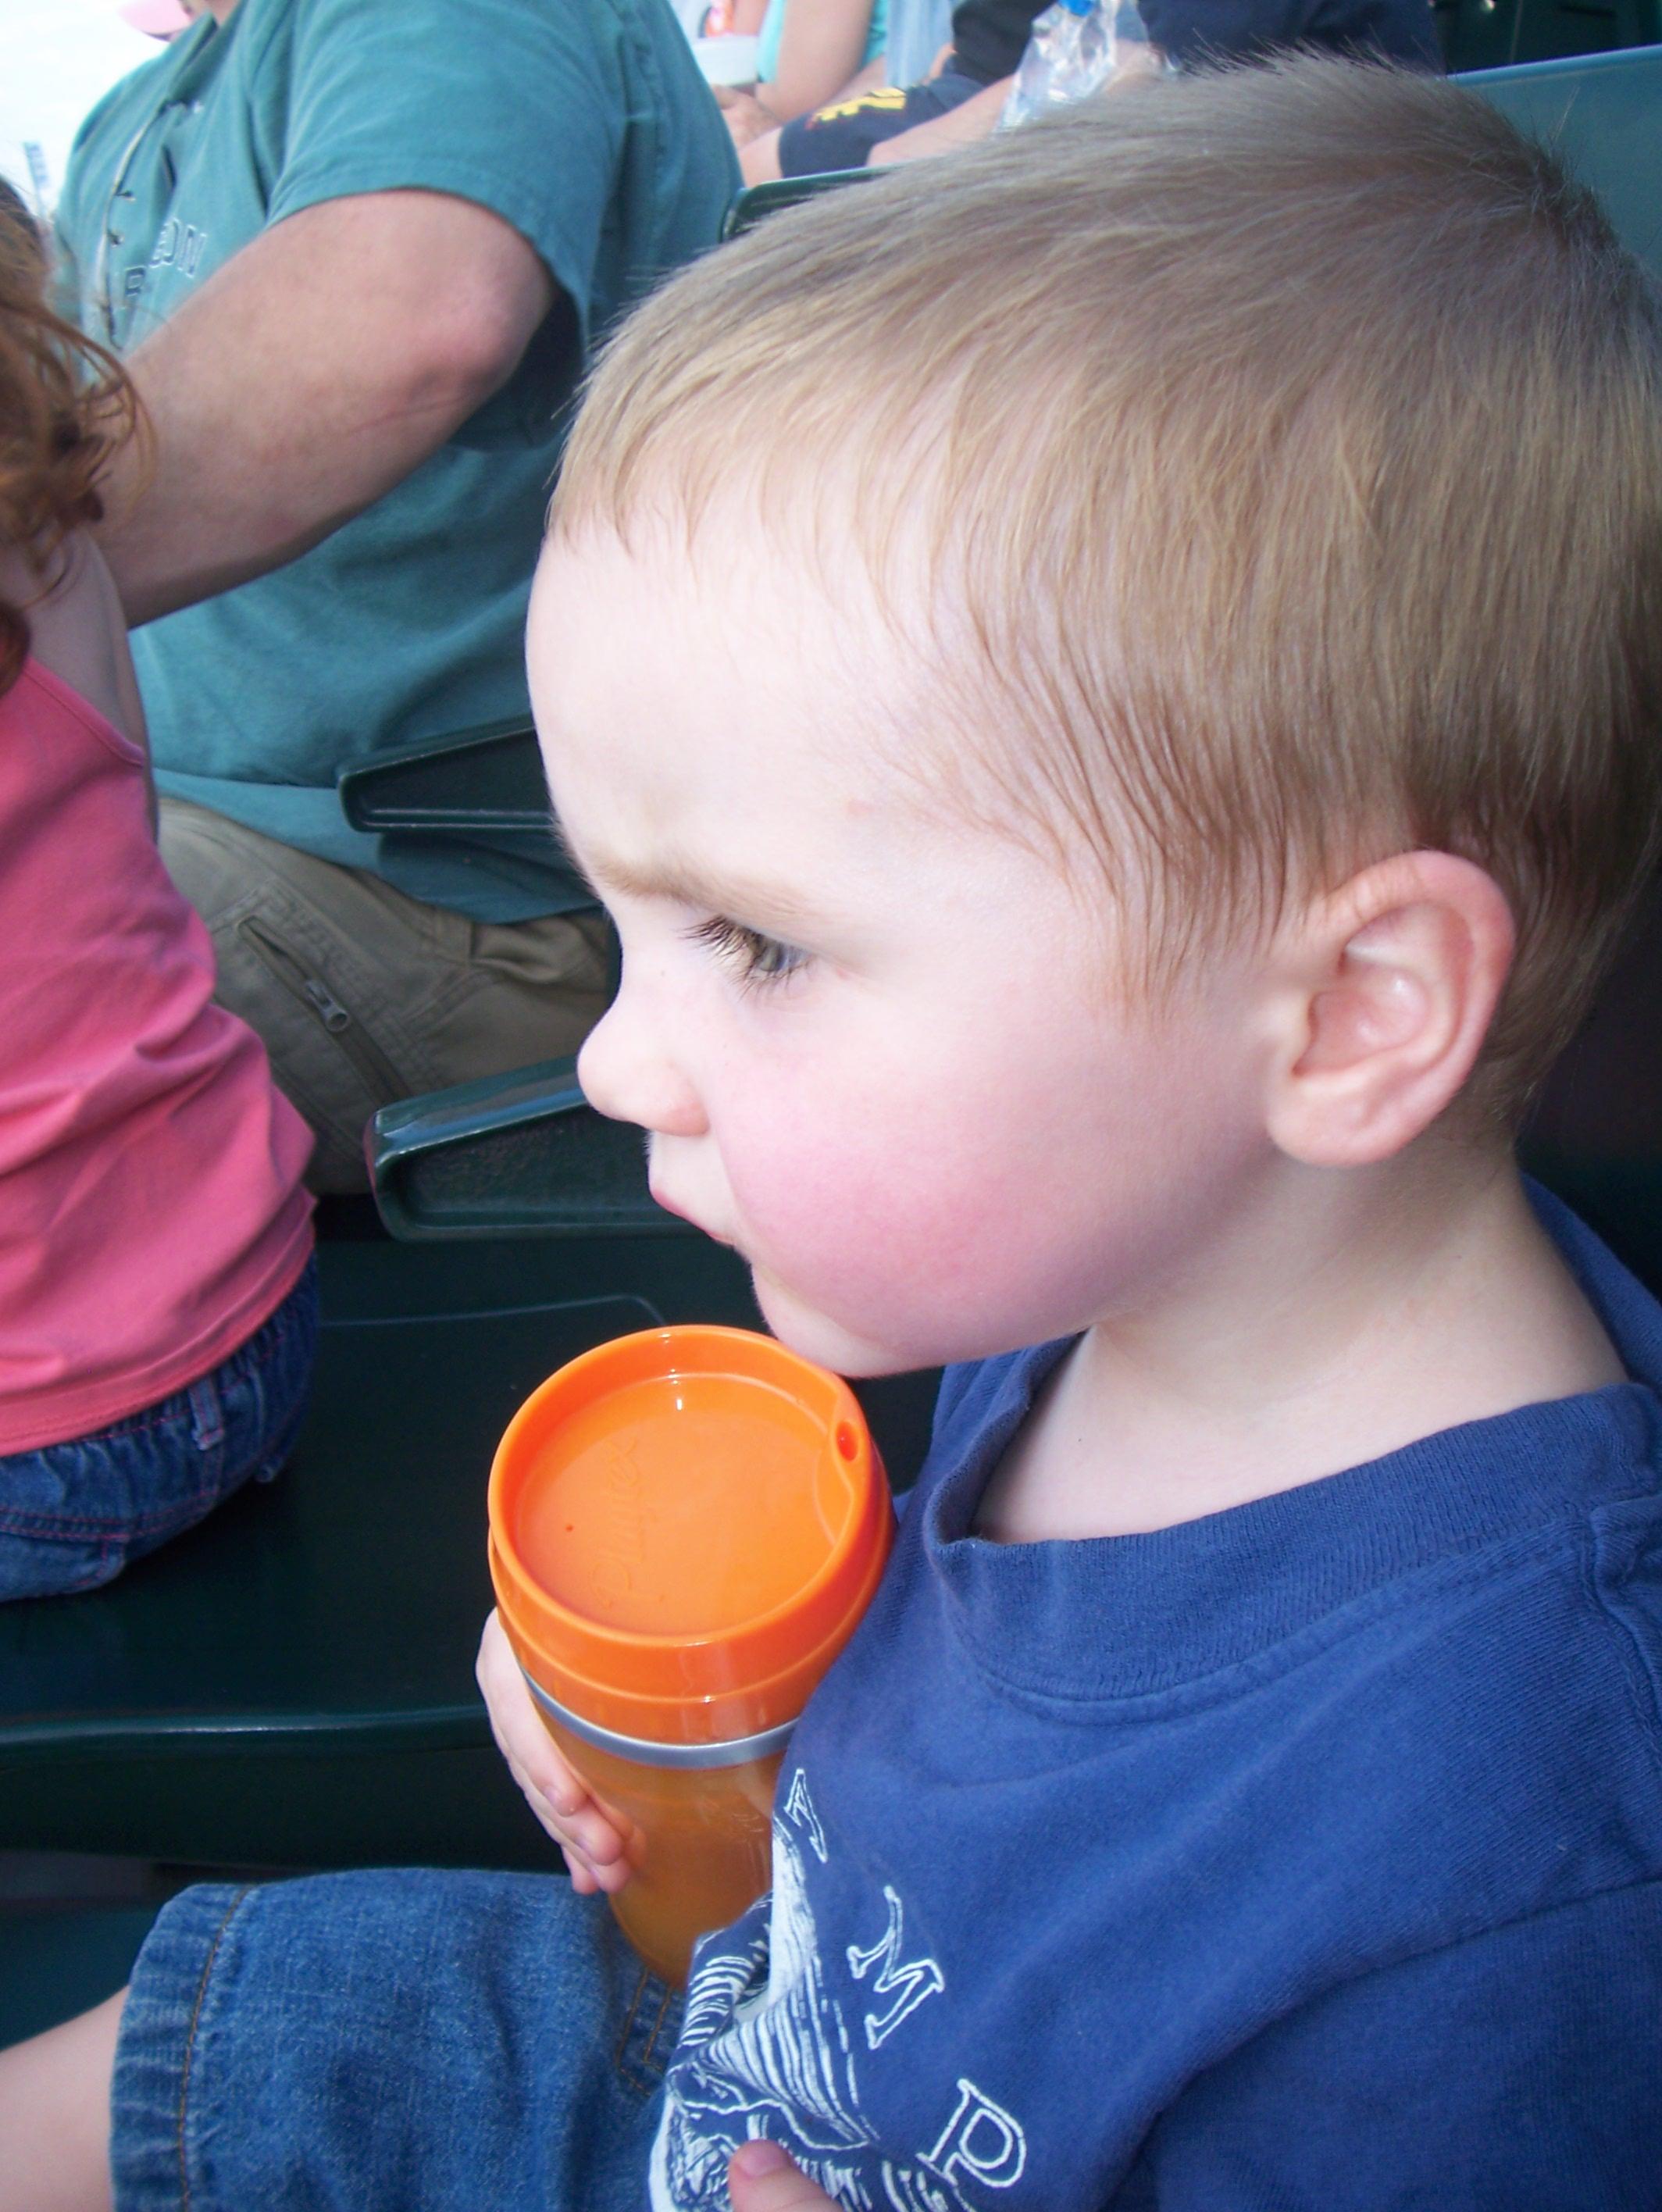 Logan at the baseball game